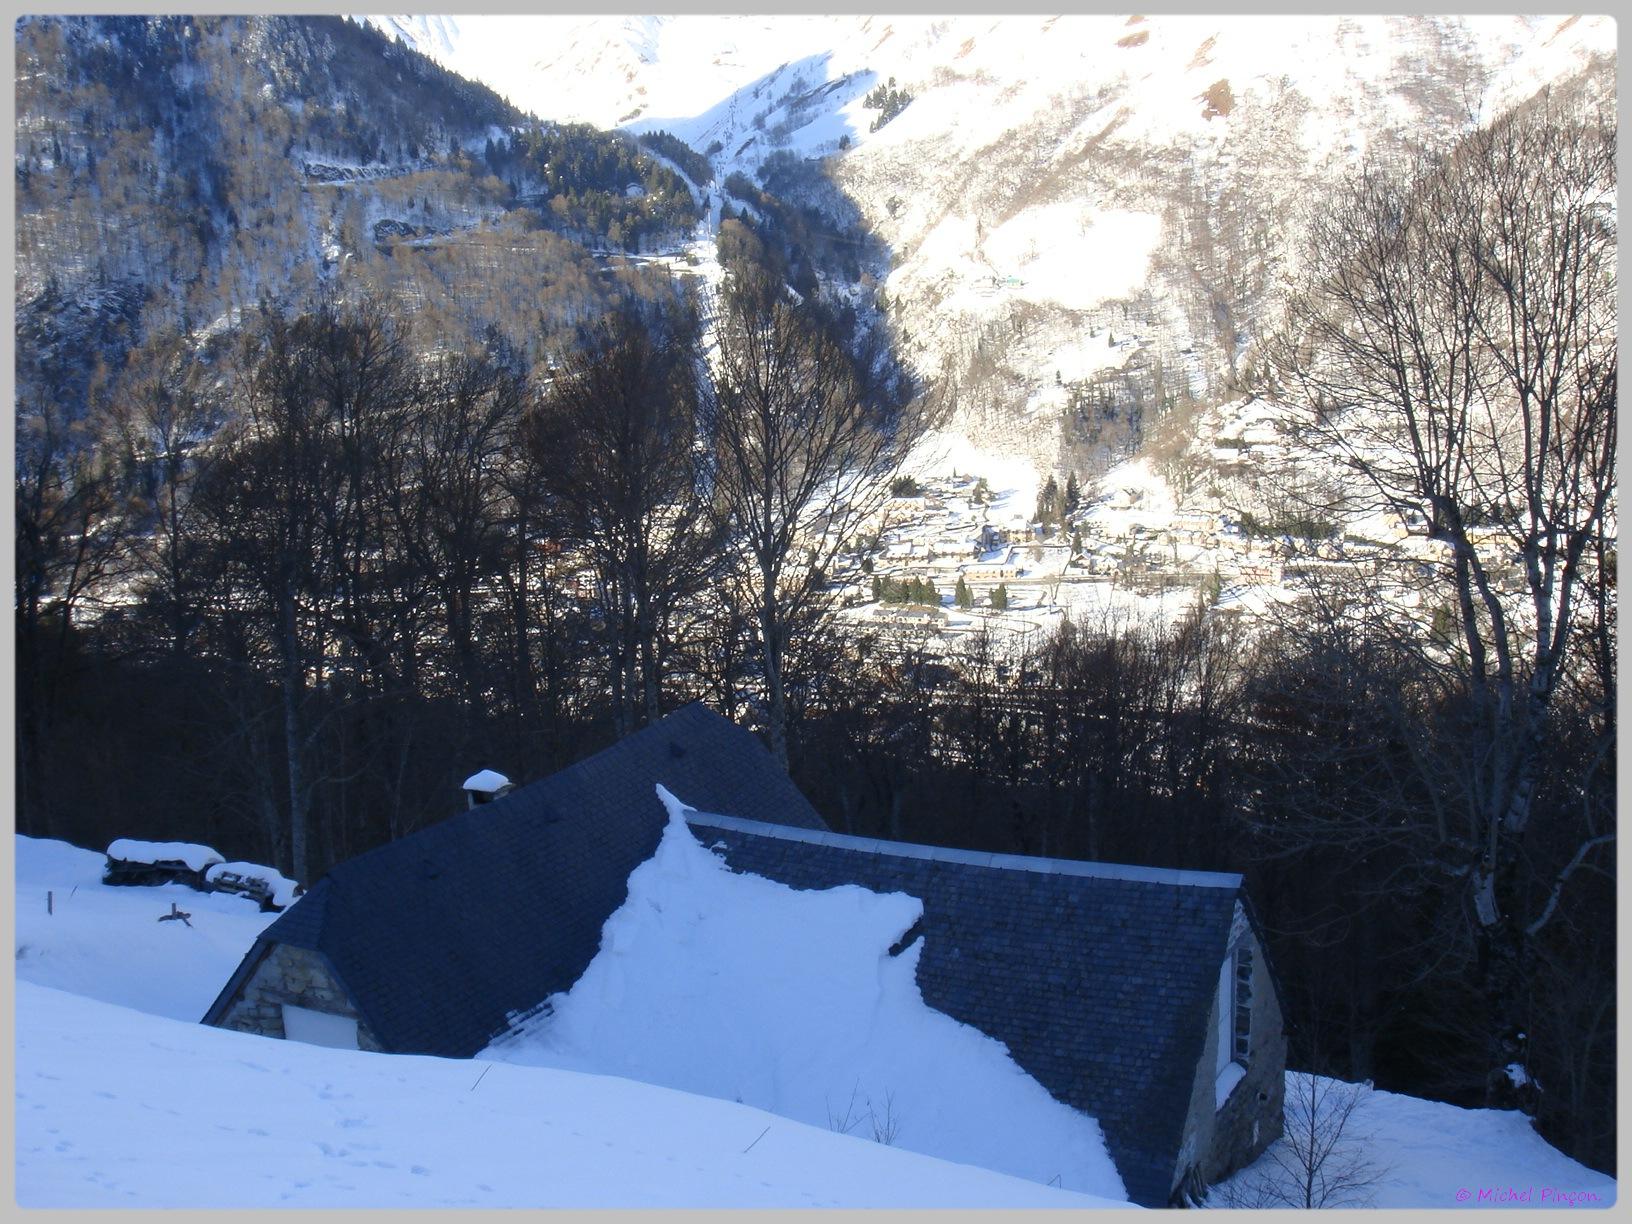 Une semaine à la Neige dans les Htes Pyrénées - Page 2 487365DSC011898